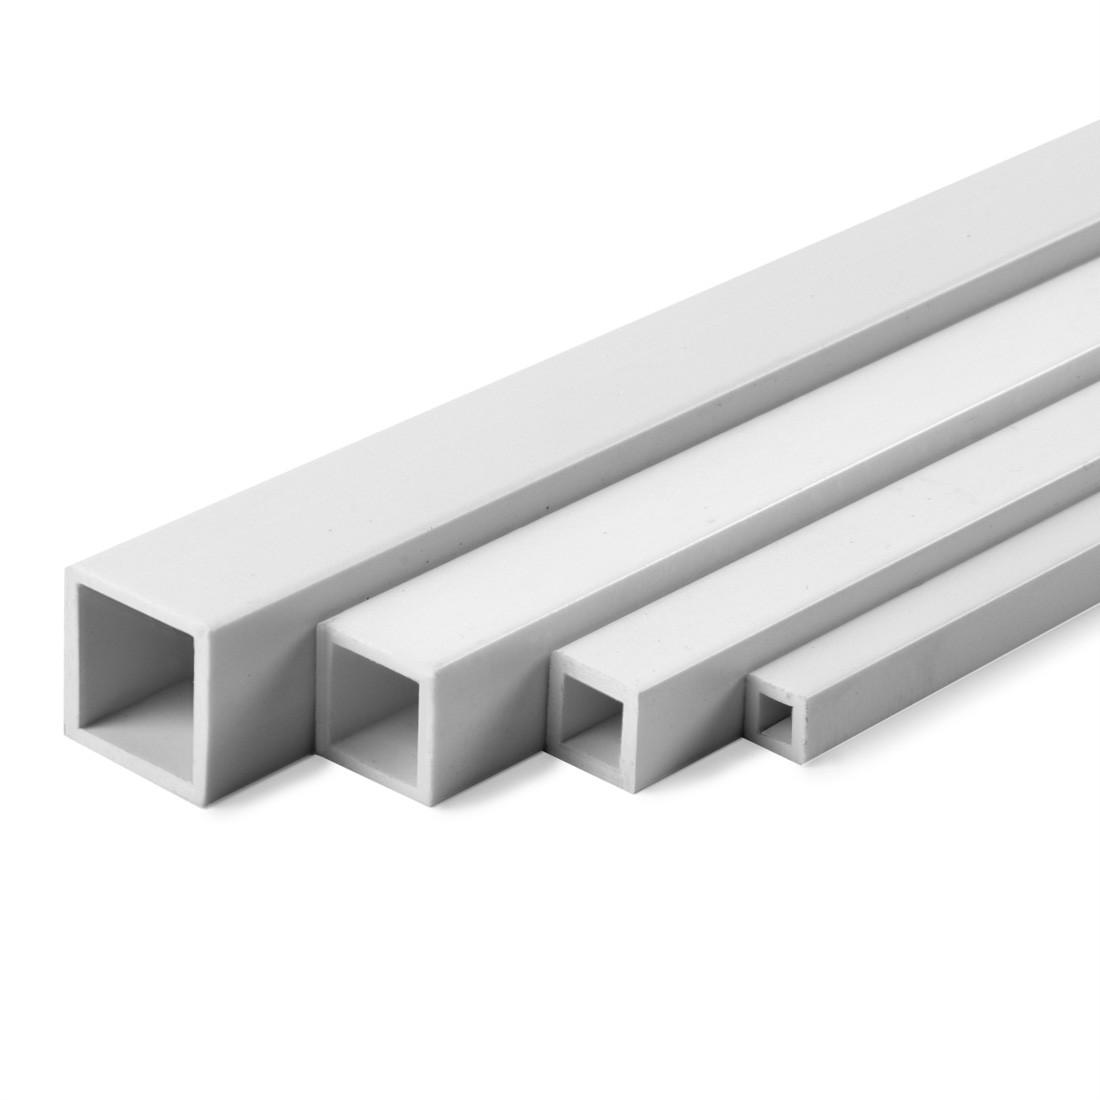 Perfil de tubo cuadrado ASA mm.6x8x1000